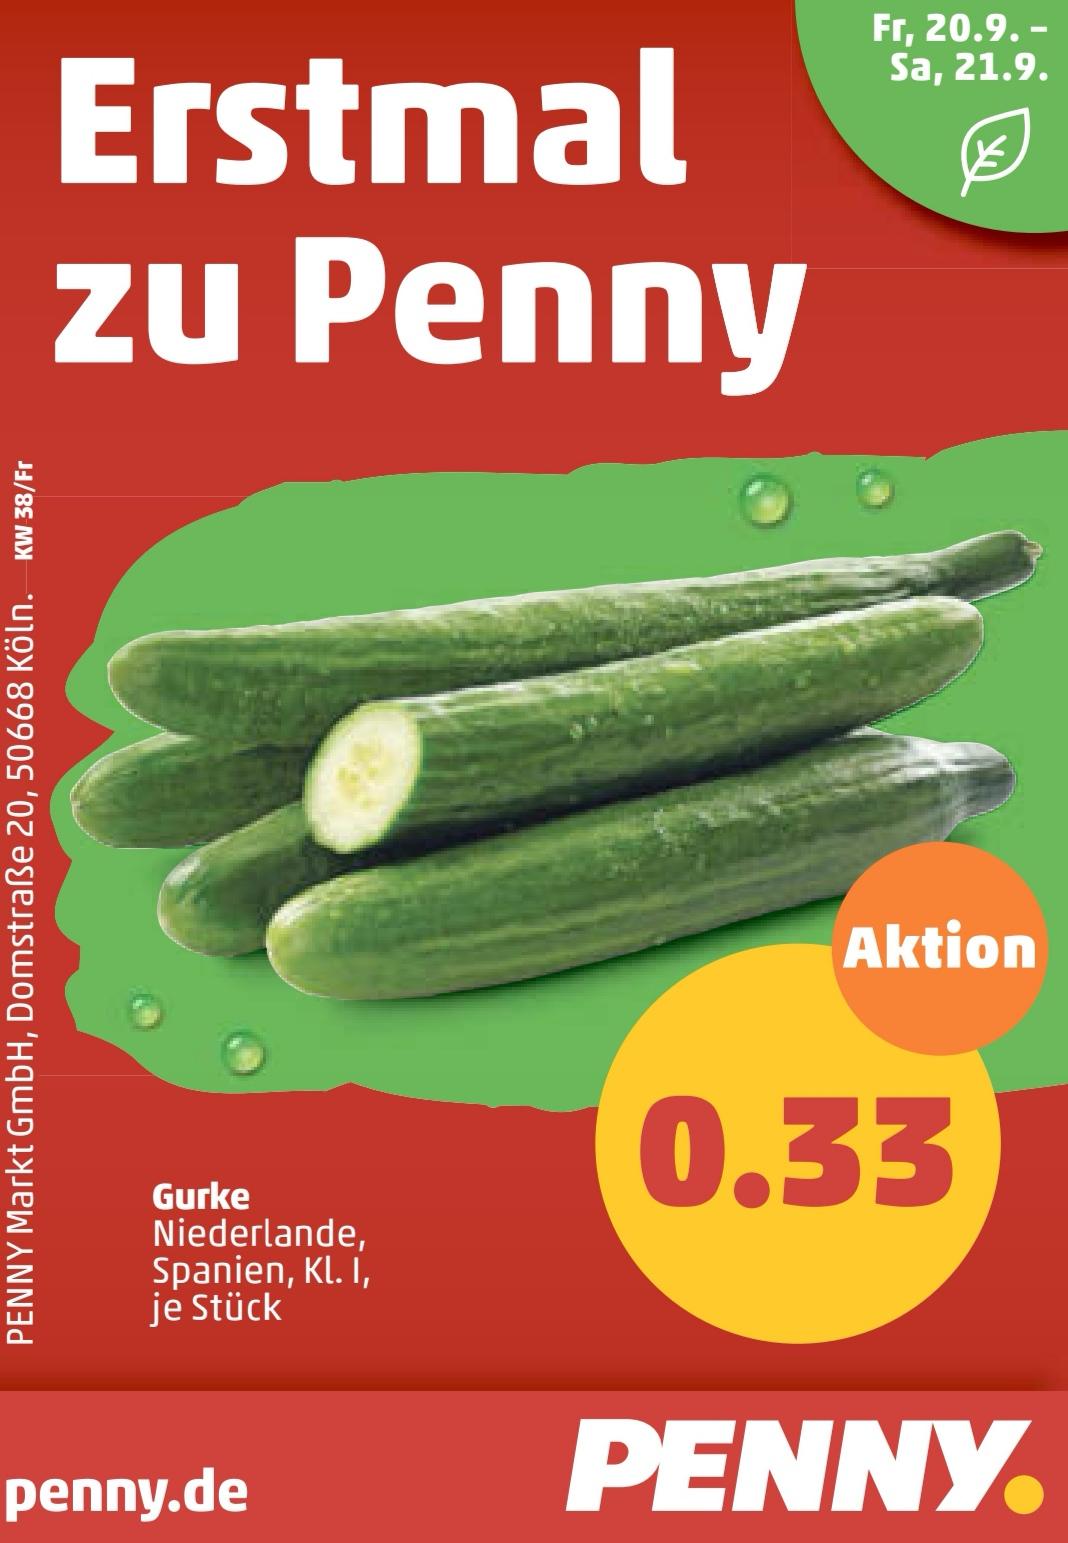 [PENNY Bundesweit] 1 Gurke 33 Cent